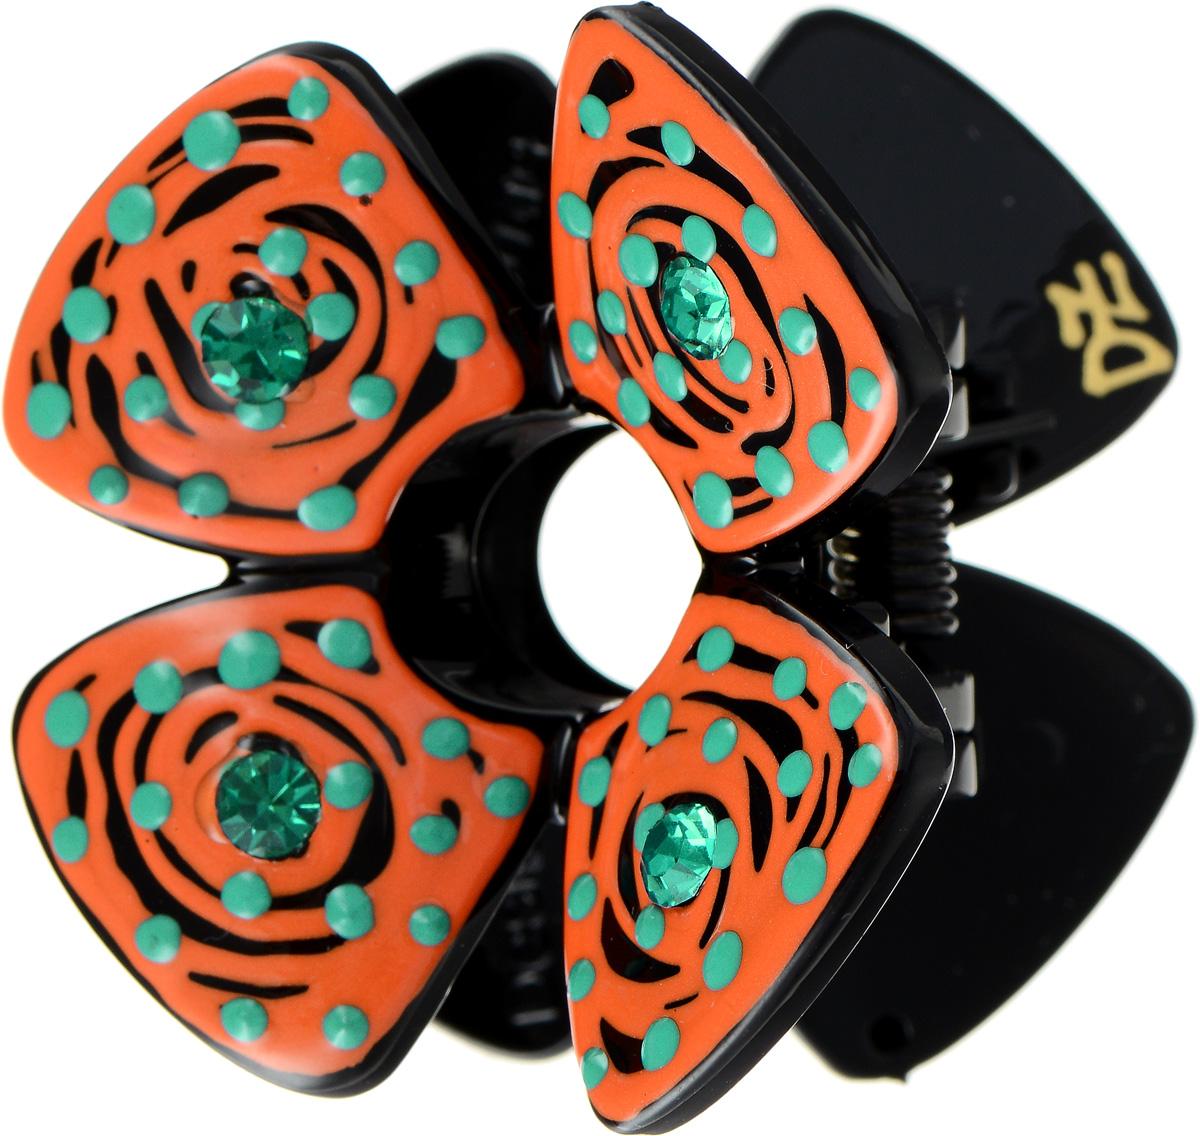 Заколка-краб Selena, цвет: оранжевый, черный. 7006427370064273Пластик, эмаль ручная роспись. Кристаллы Preciosa, длина заколки 4 см ширина 3 см высота 4 см